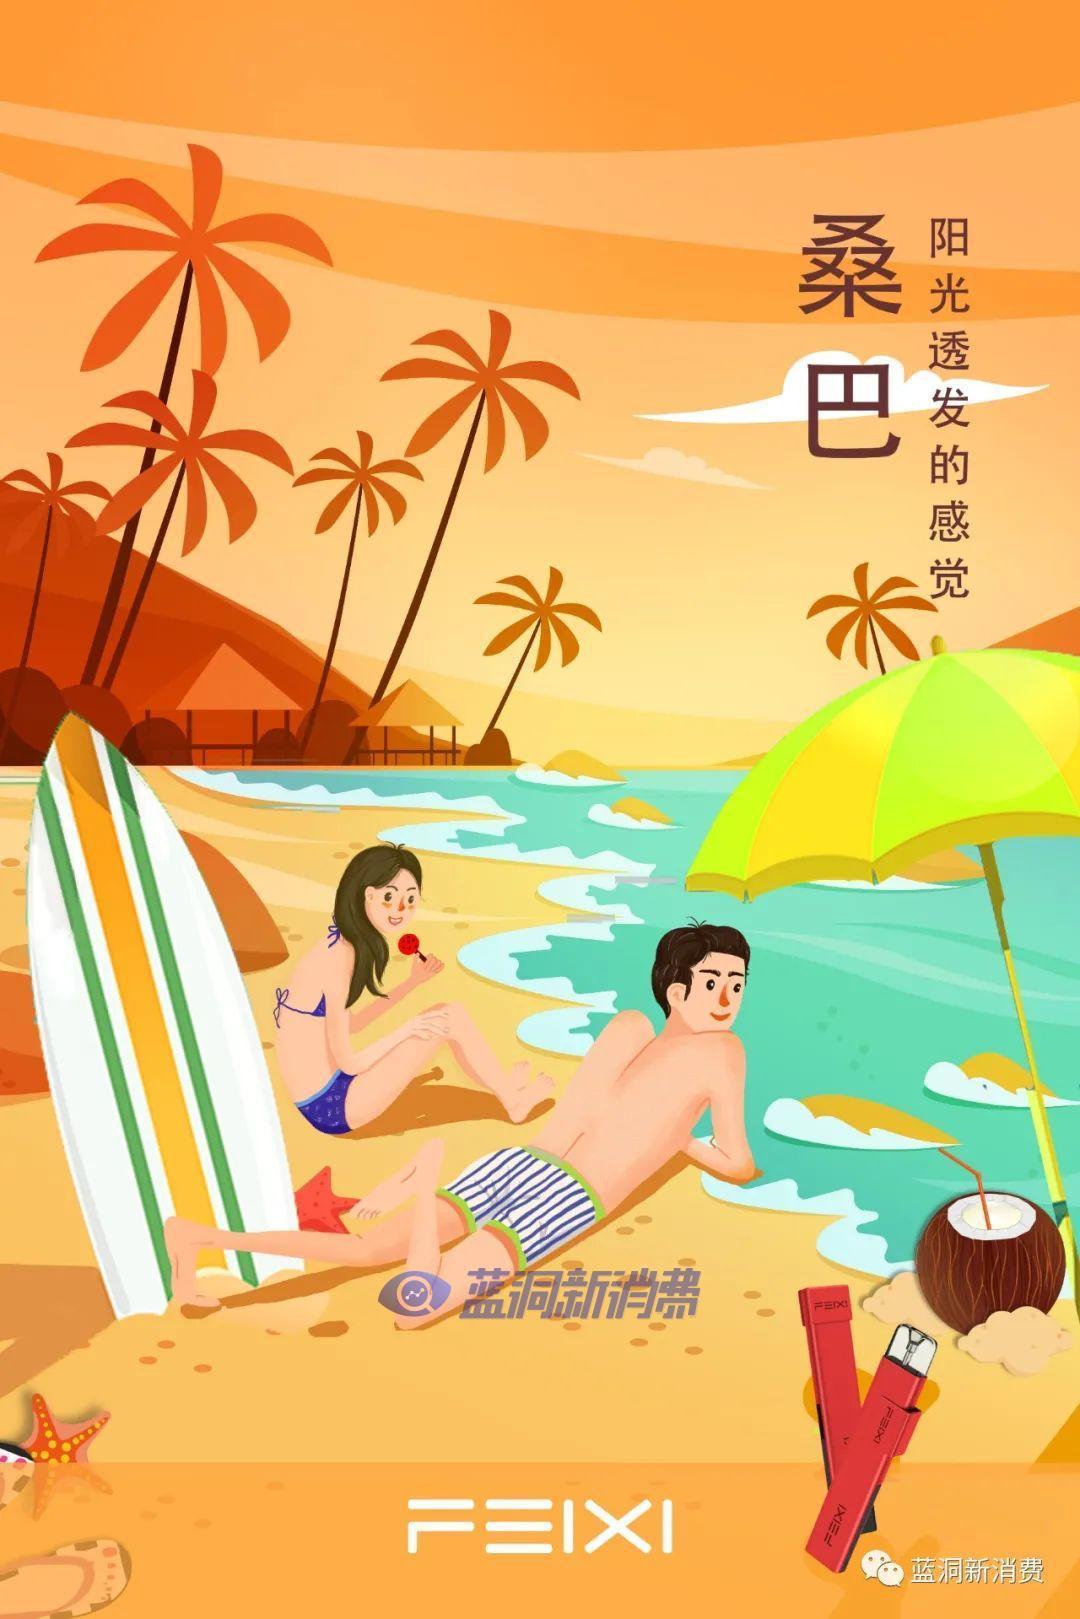 飞喜推出两款意境型口味烟弹:晨露初恋与桑巴情人